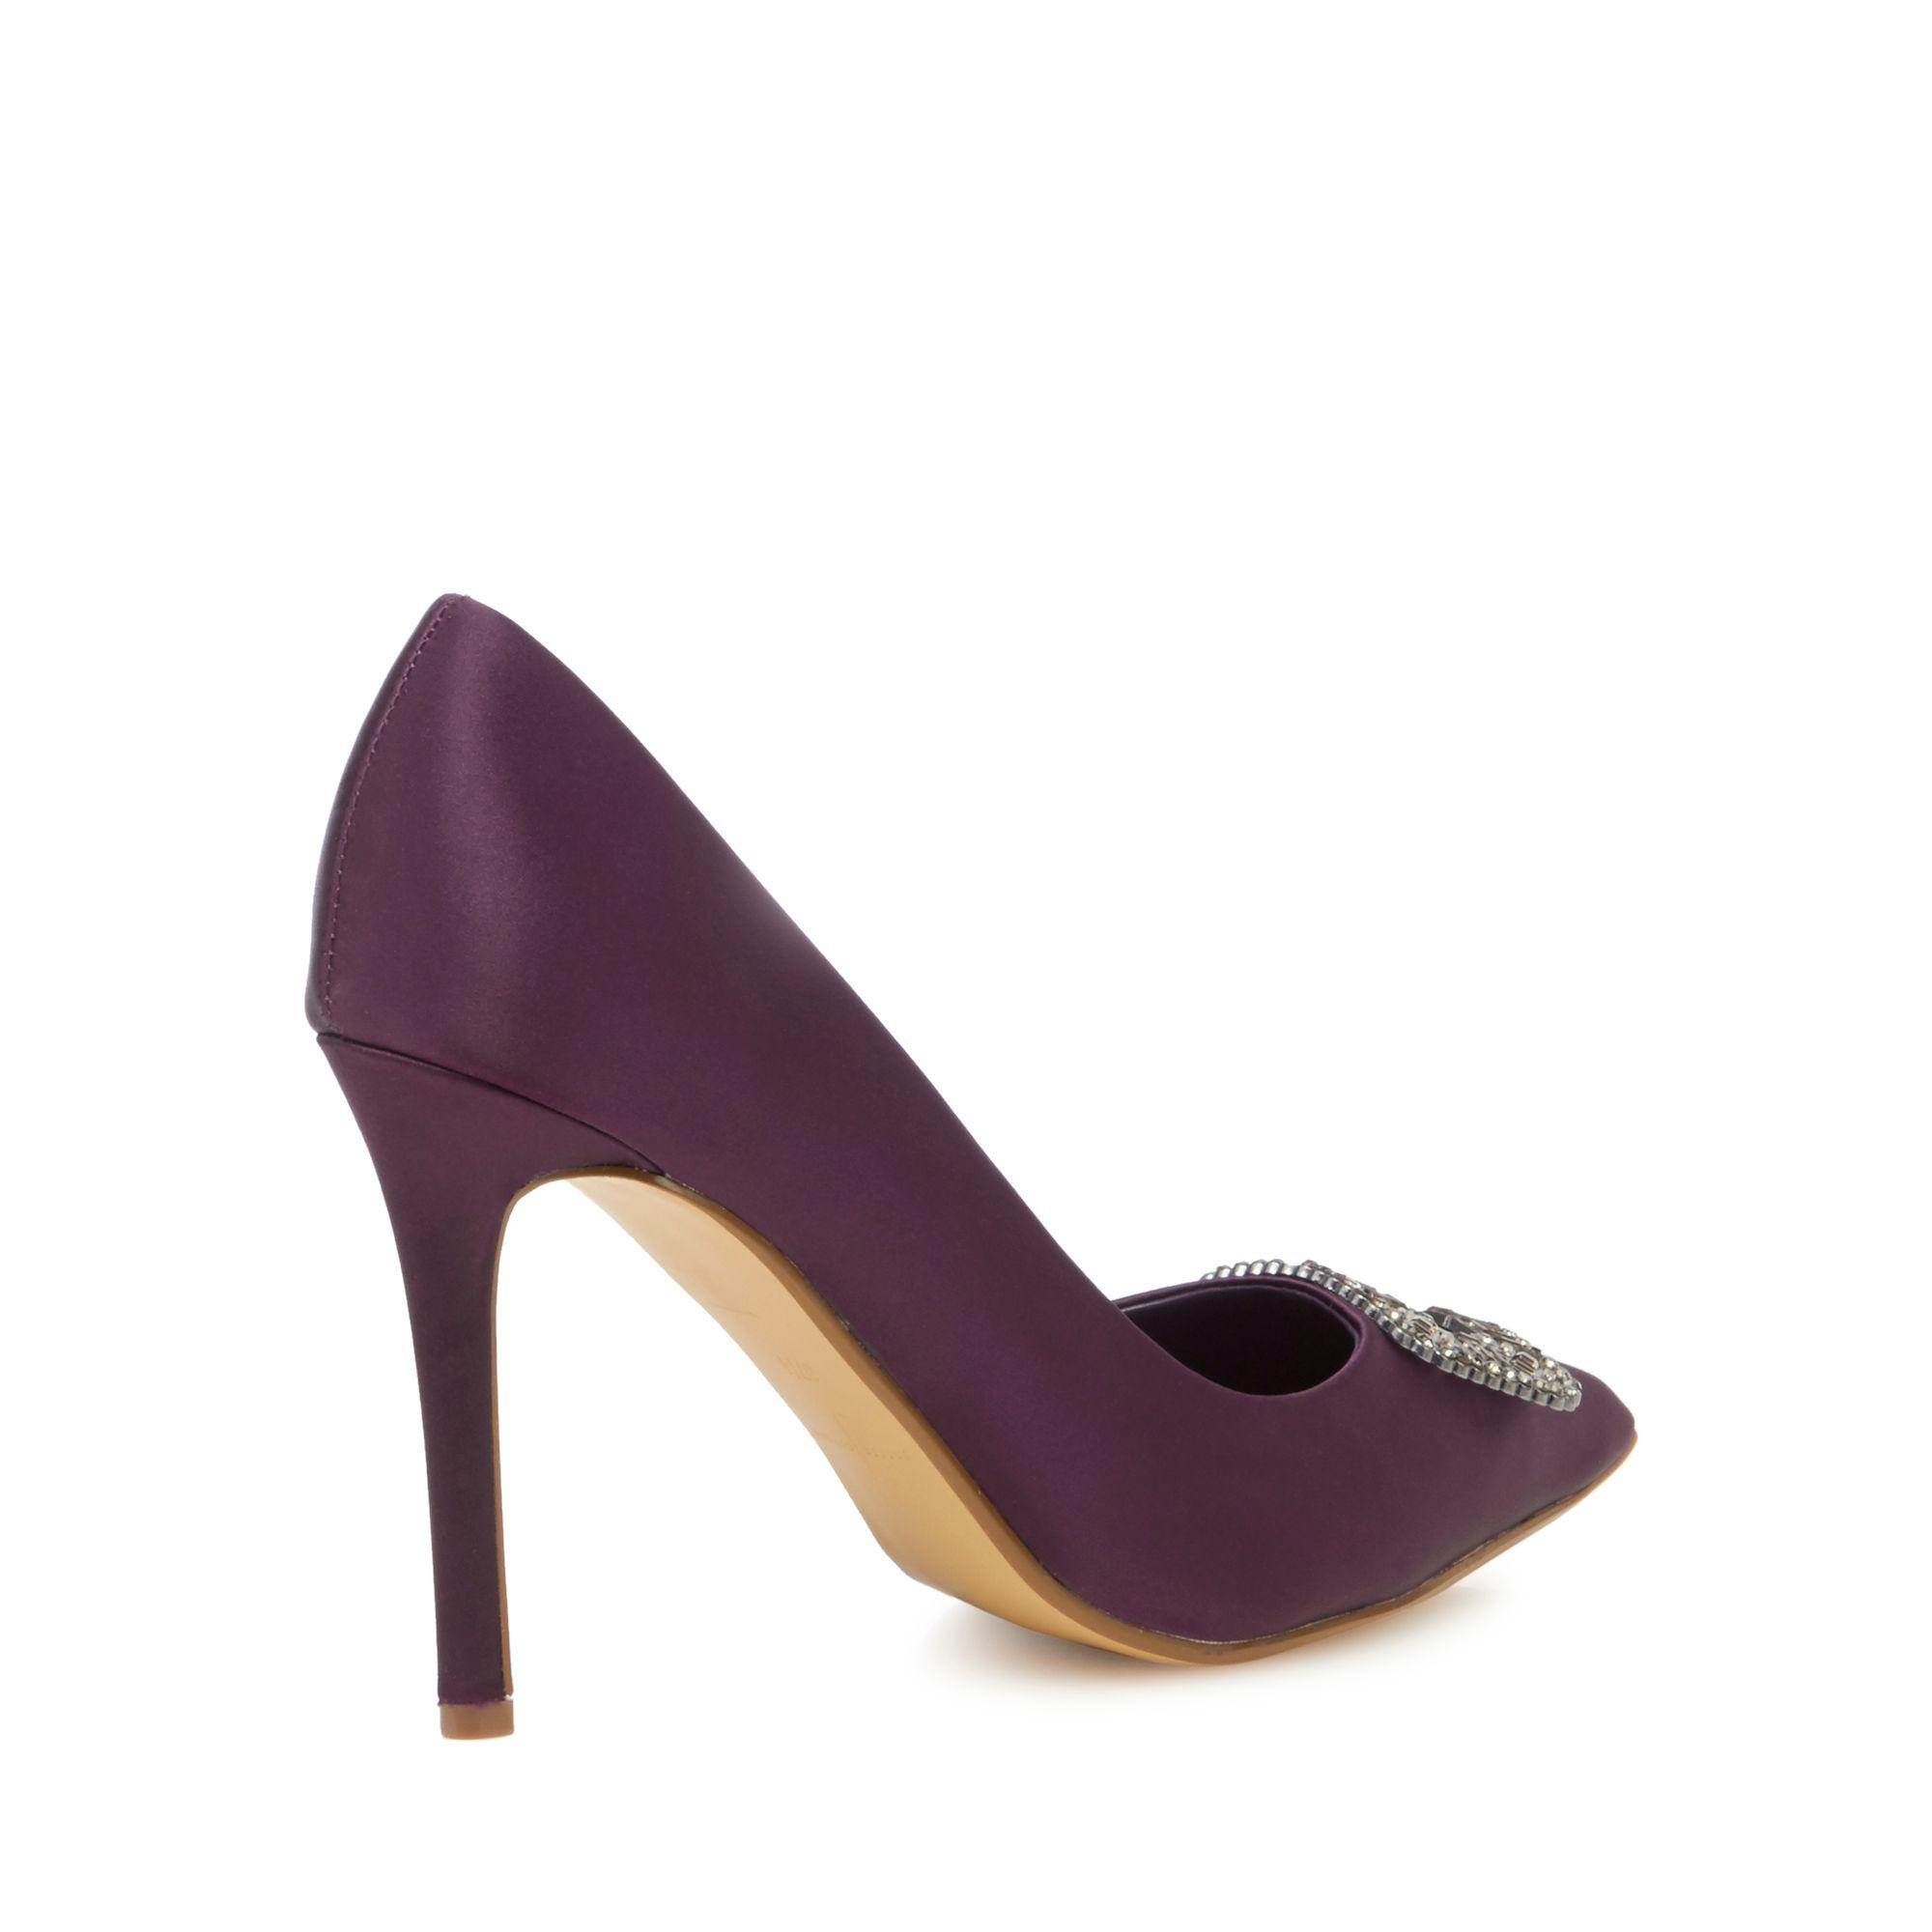 939342f2355 J By Jasper Conran Dark Purple  jessie  High Stiletto Heel Court ...